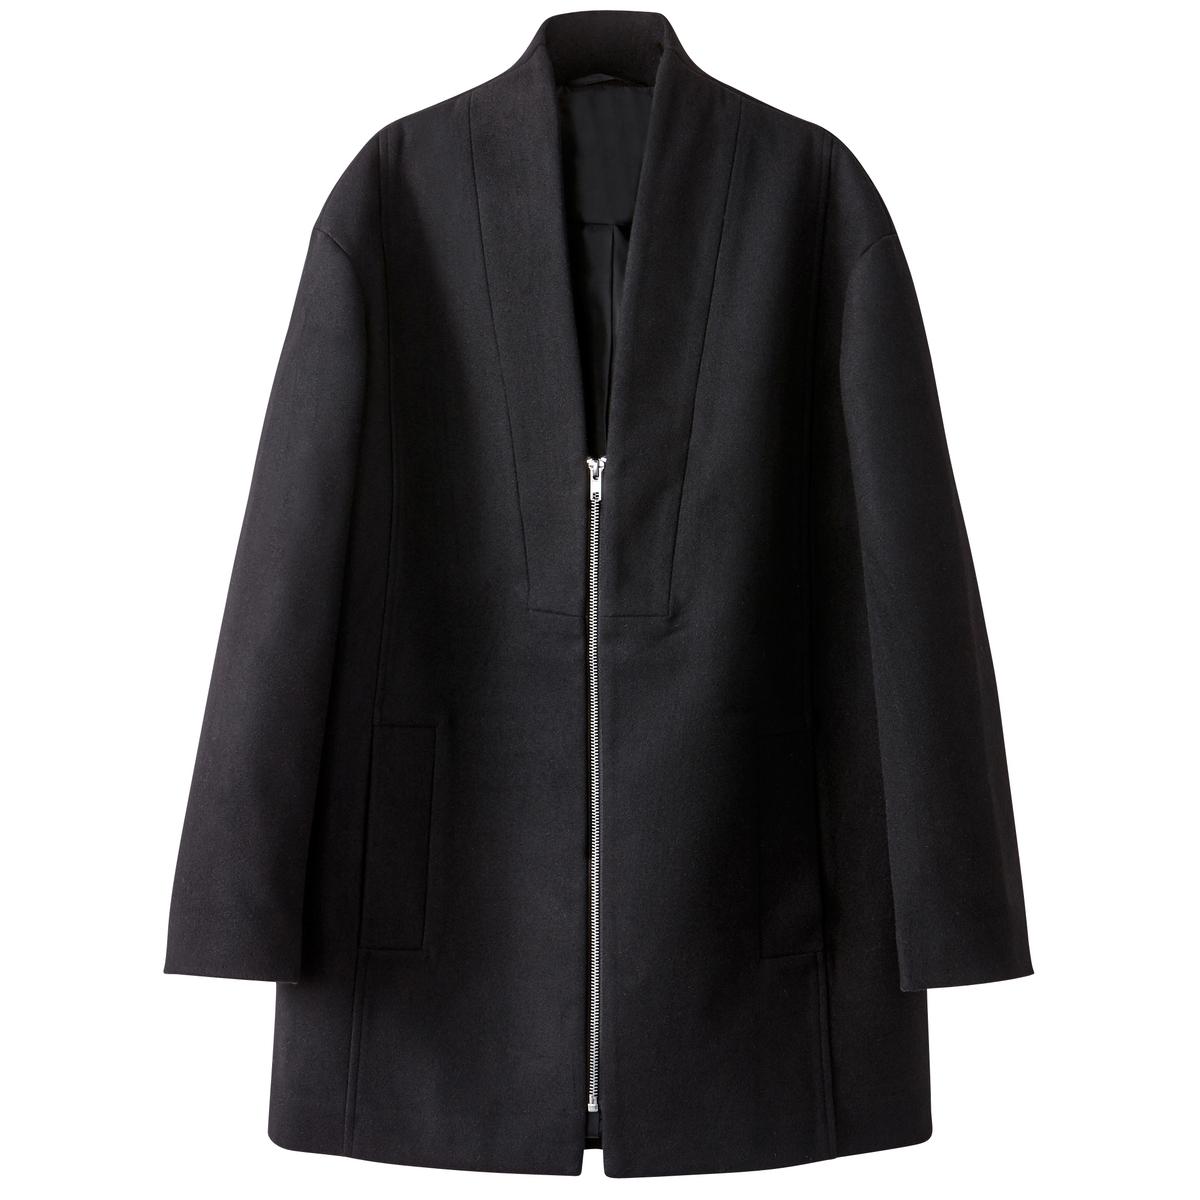 Пальто прямое с глубоким вырезомЧерное стильное пальто. Прямая форма, застежка на молнию . Шалевый воротник с глубоким вырезом . Полностью на подкладке. Детали •  Длина : средняя •  Без воротника •  Застежка на молниюСостав и уход •  93% полиэстера, 6% вискозы, 1% эластана •  Подкладка : 100% полиэстер •  Температура стирки при 30° на деликатном режиме   •  Сухая чистка и отбеливатели запрещены •  Не использовать барабанную сушку   •  Низкая температура глажки •  Длина : 80 см<br><br>Цвет: черный<br>Размер: 50 (FR) - 56 (RUS).34 (FR) - 40 (RUS).52 (FR) - 58 (RUS).48 (FR) - 54 (RUS).46 (FR) - 52 (RUS).42 (FR) - 48 (RUS).40 (FR) - 46 (RUS).38 (FR) - 44 (RUS)